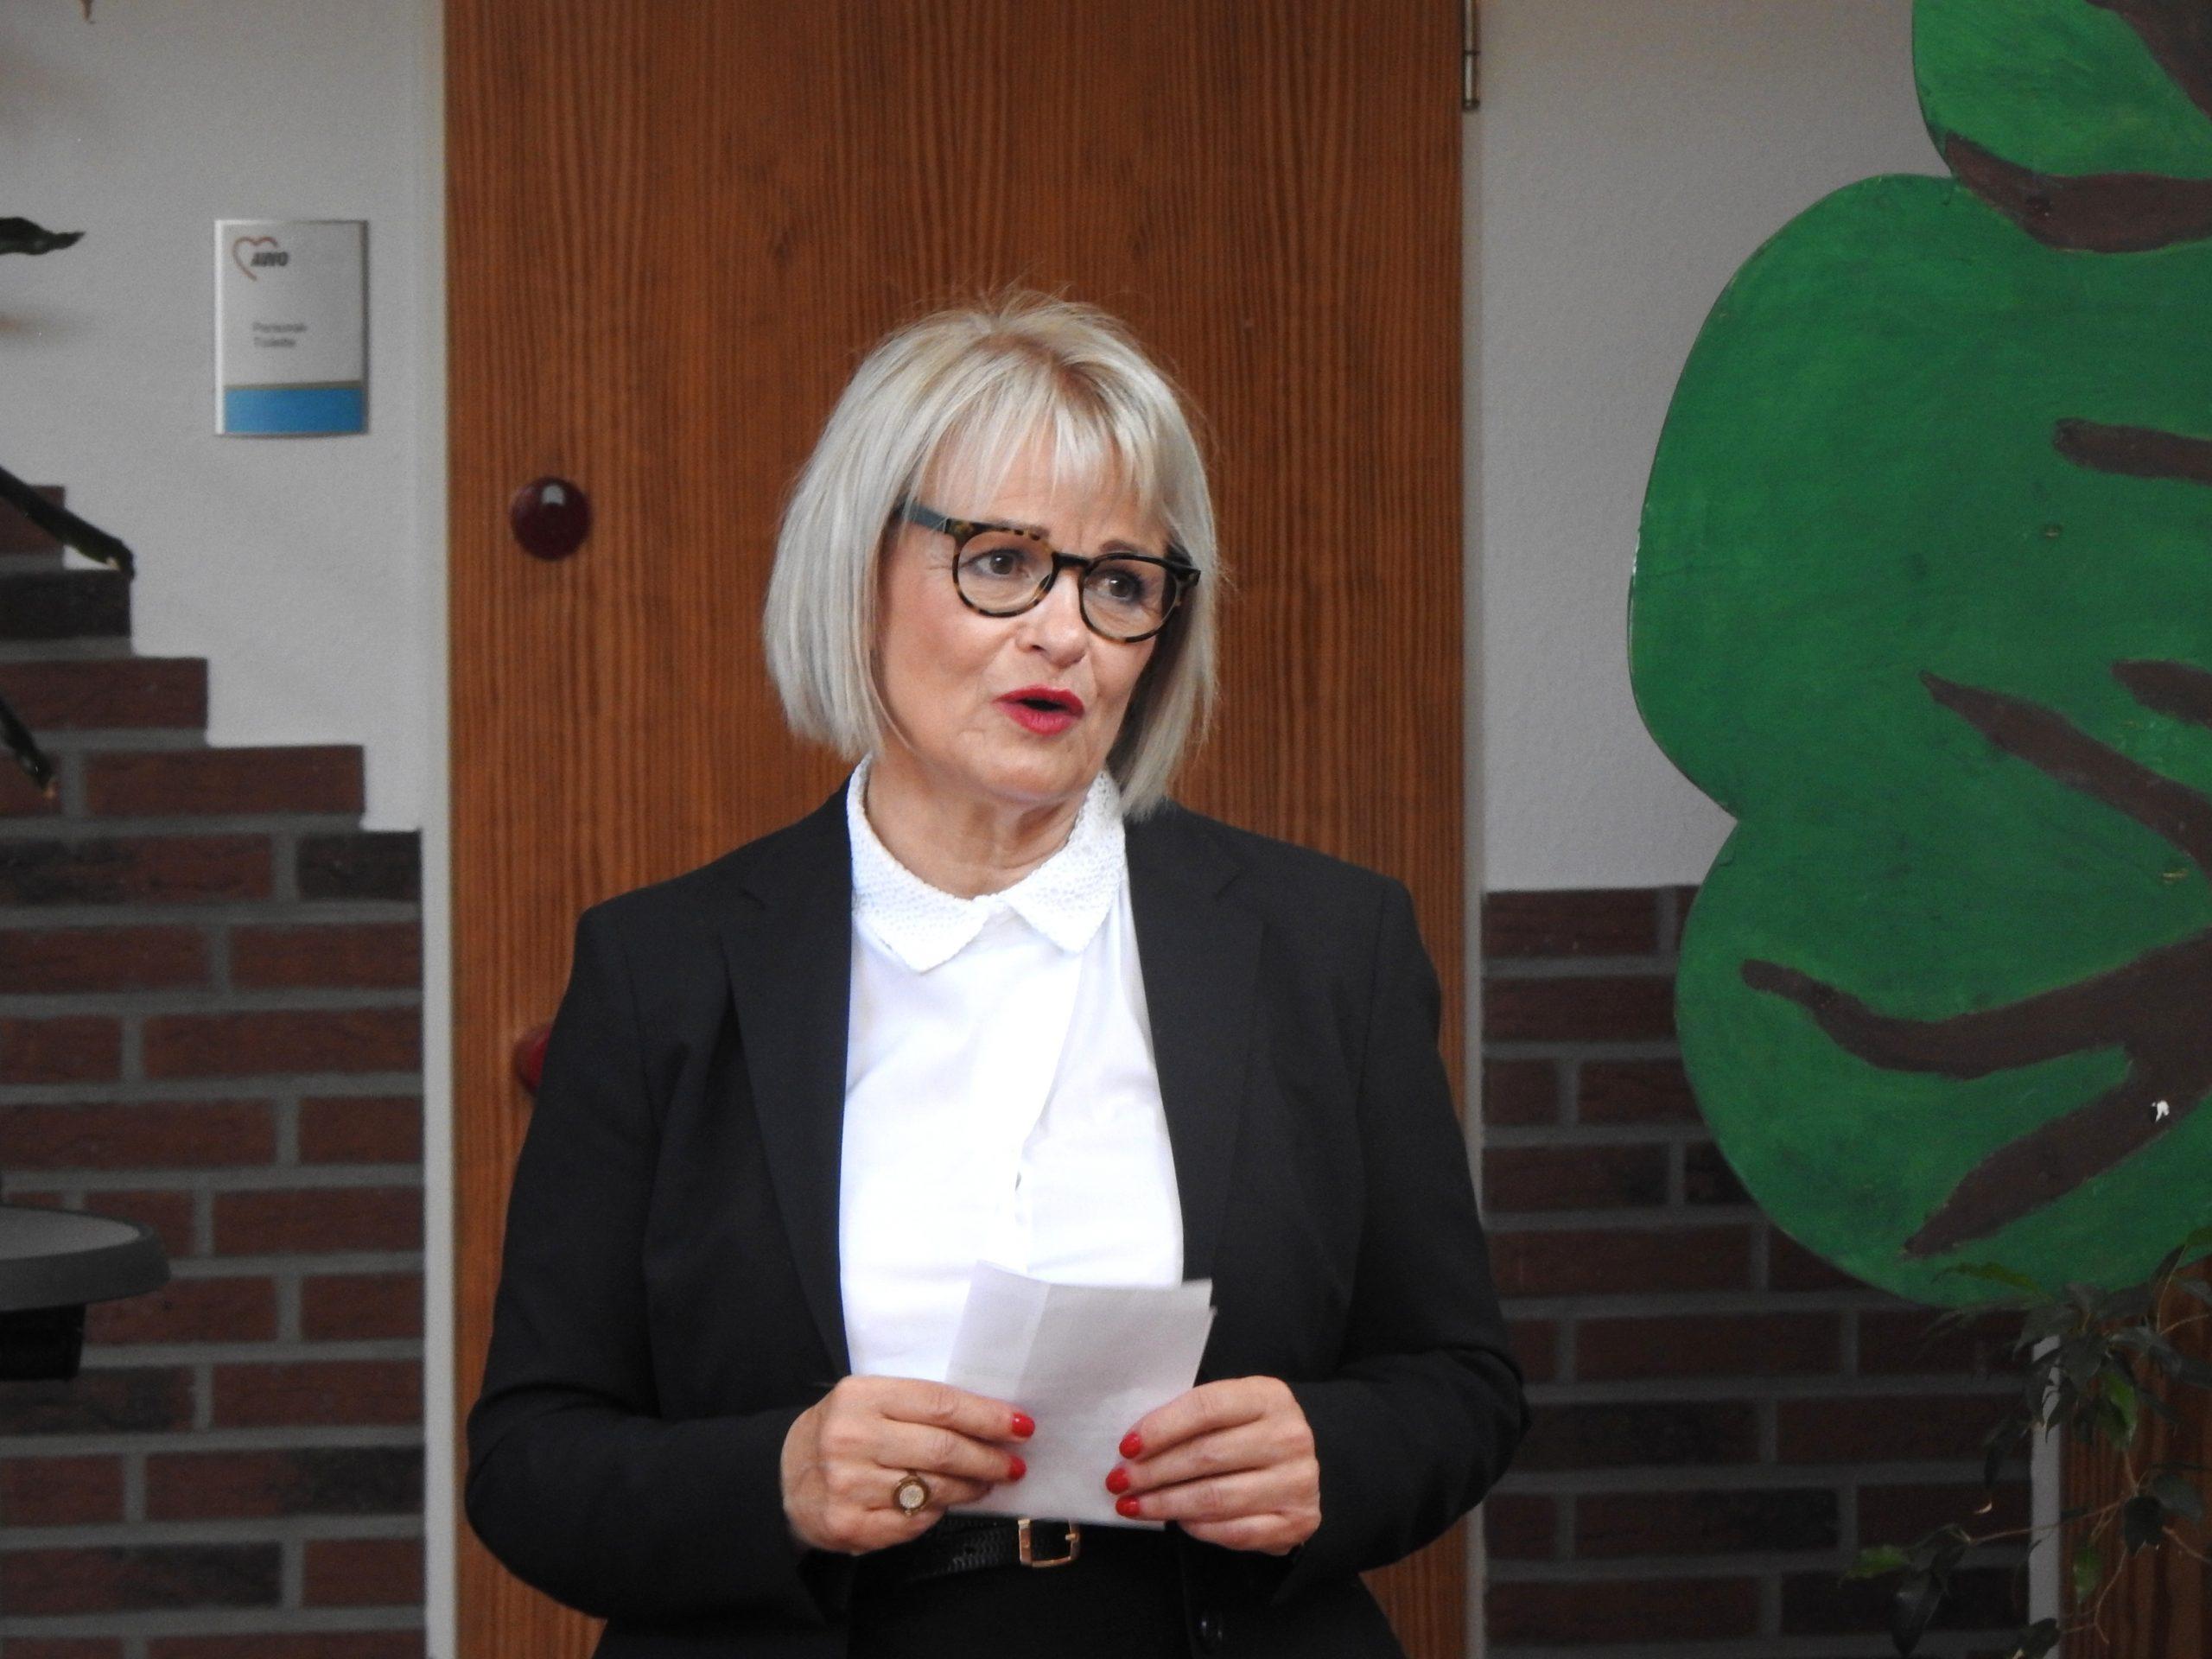 AWO Kita-Leiterin Ingrid Grein geht nach 40 Jahren in den Ruhestand 1